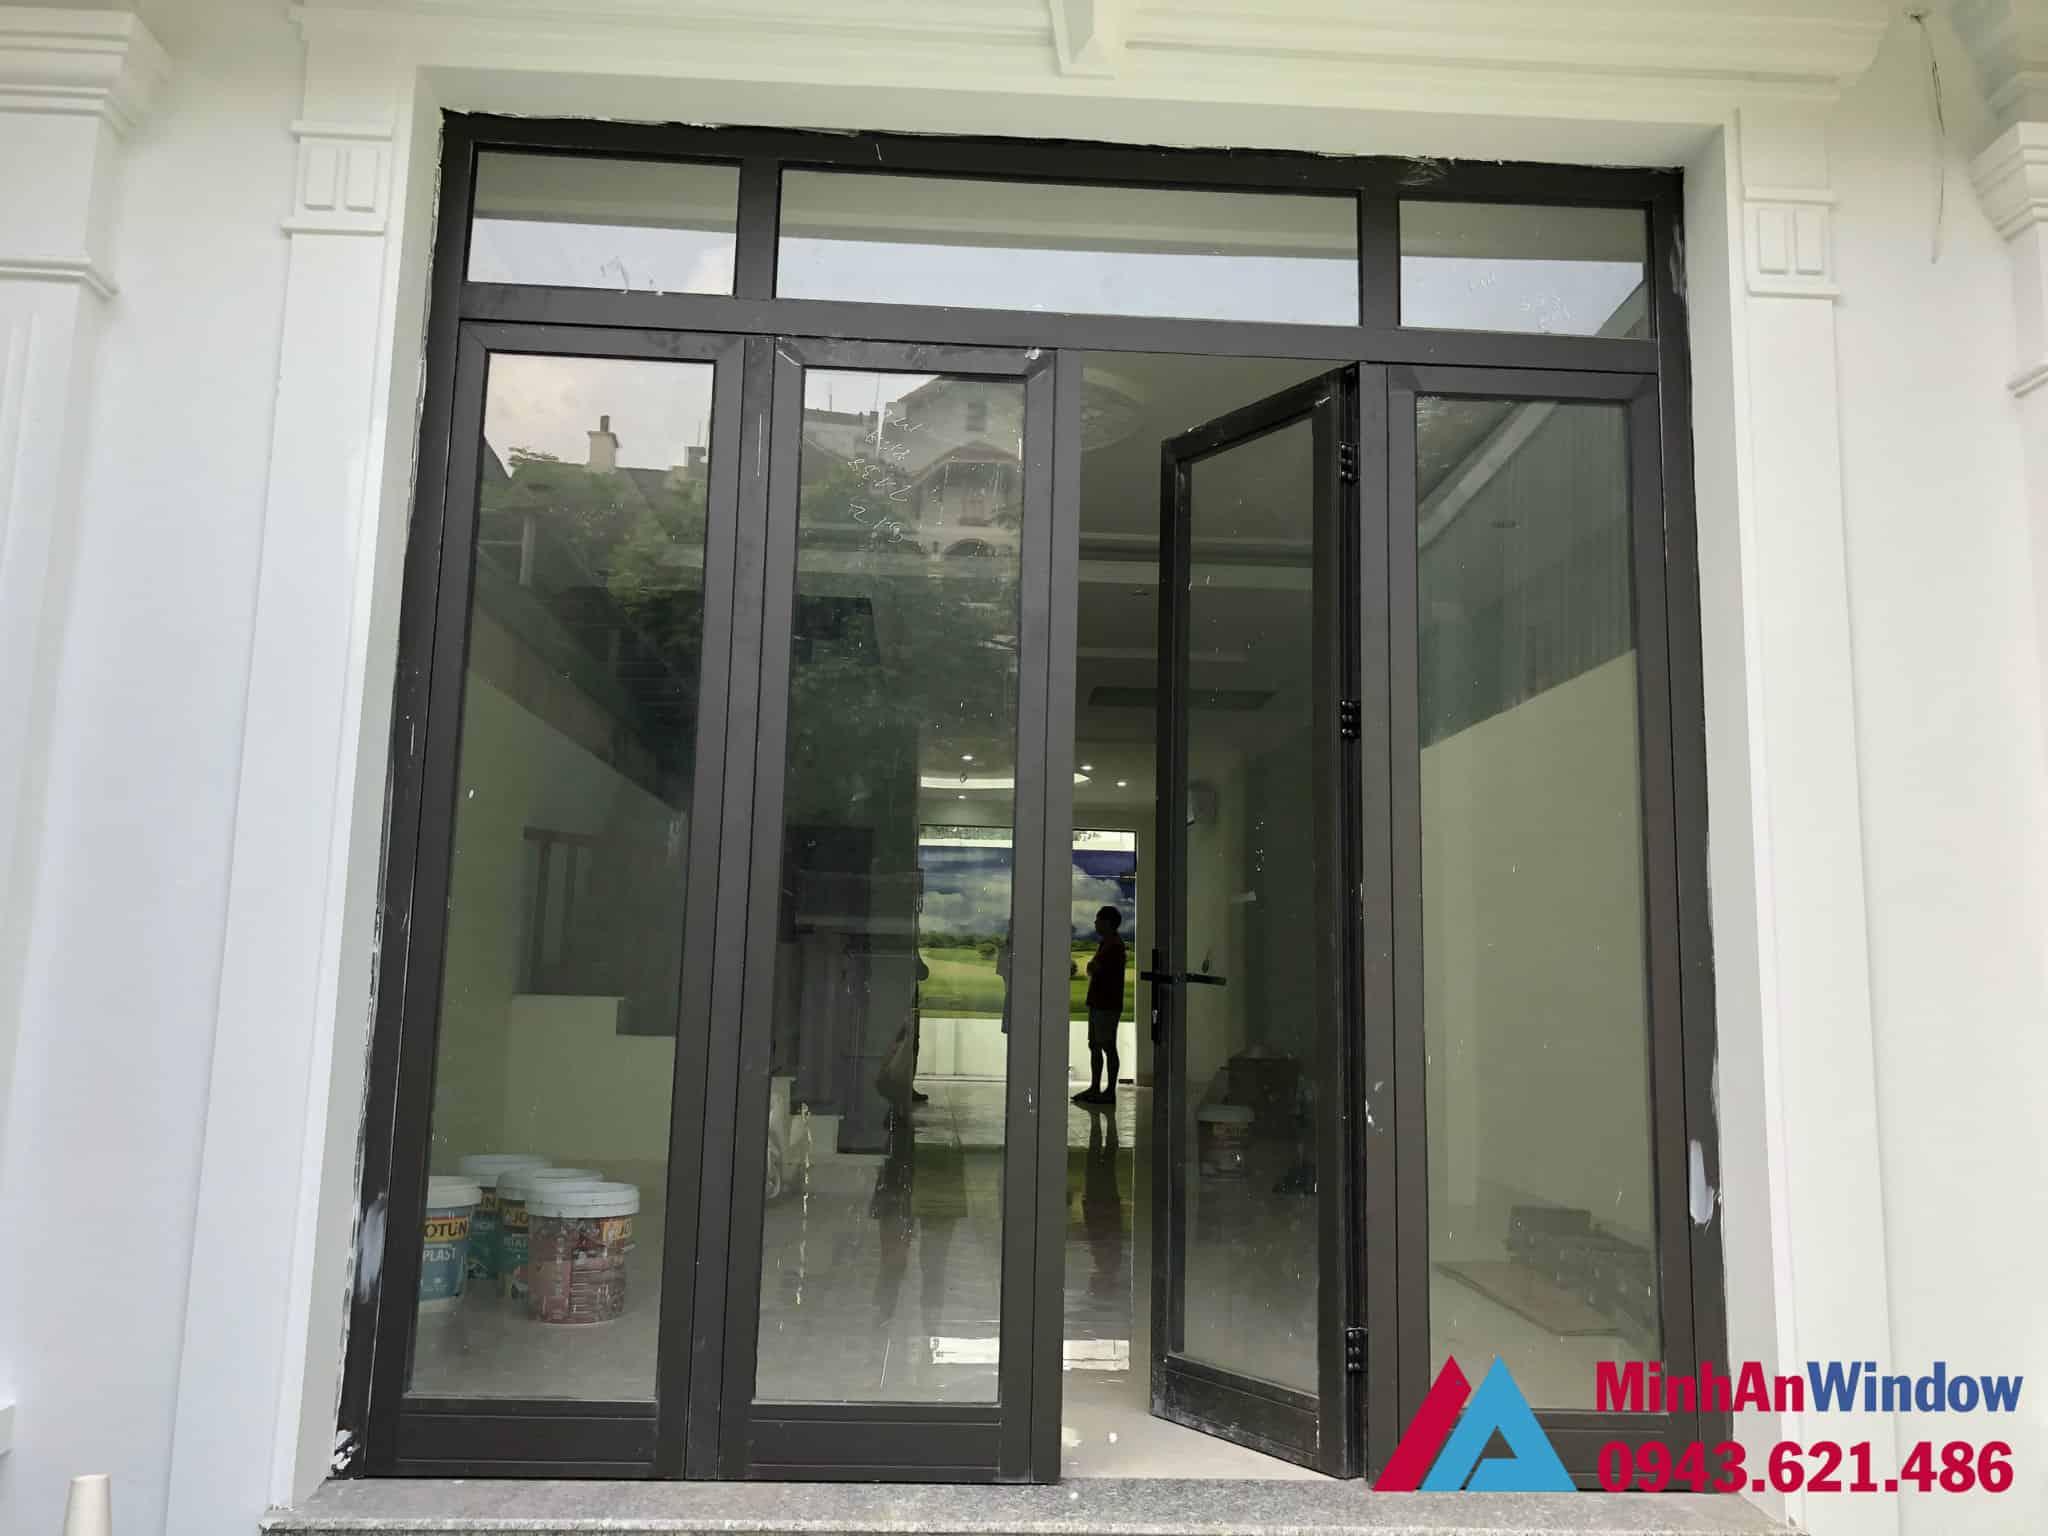 Cửa đi nhôm kính do Minh An Window thi công và lắp đặt